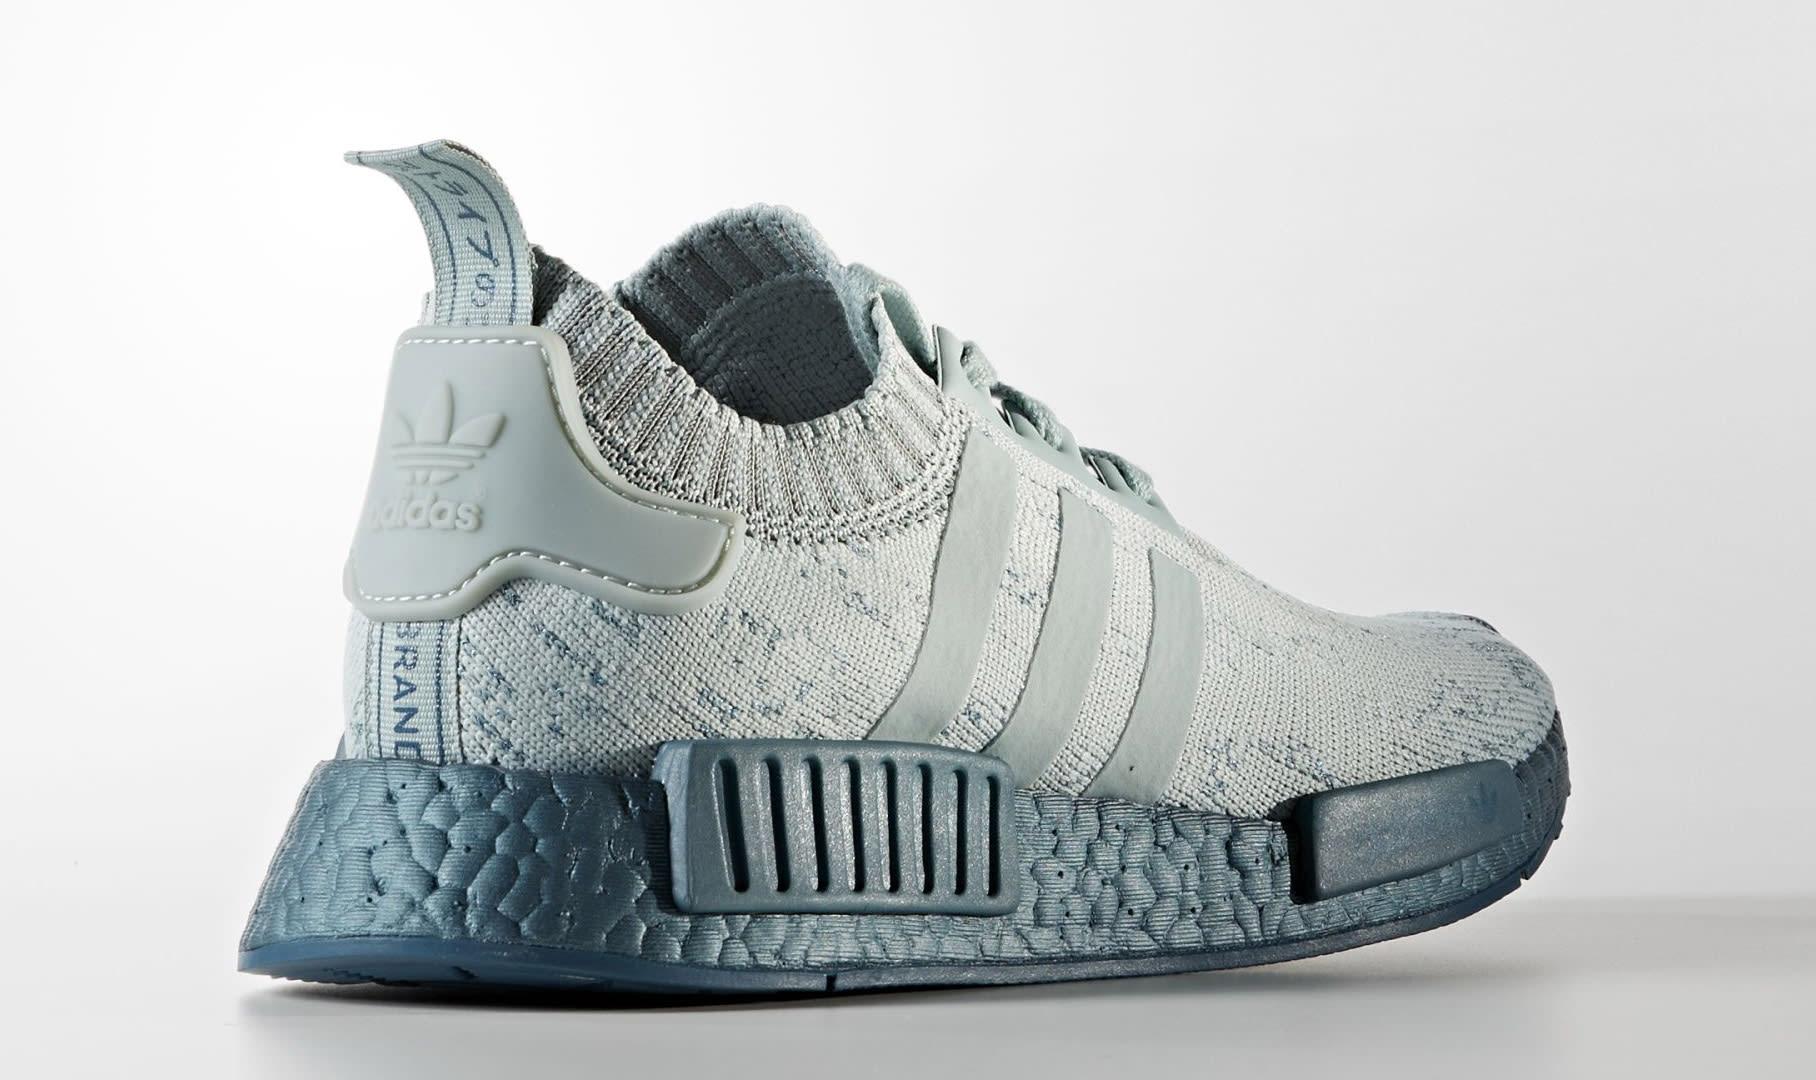 Adidas NMD Blue Grey Glitch Boost CG3601 Heel